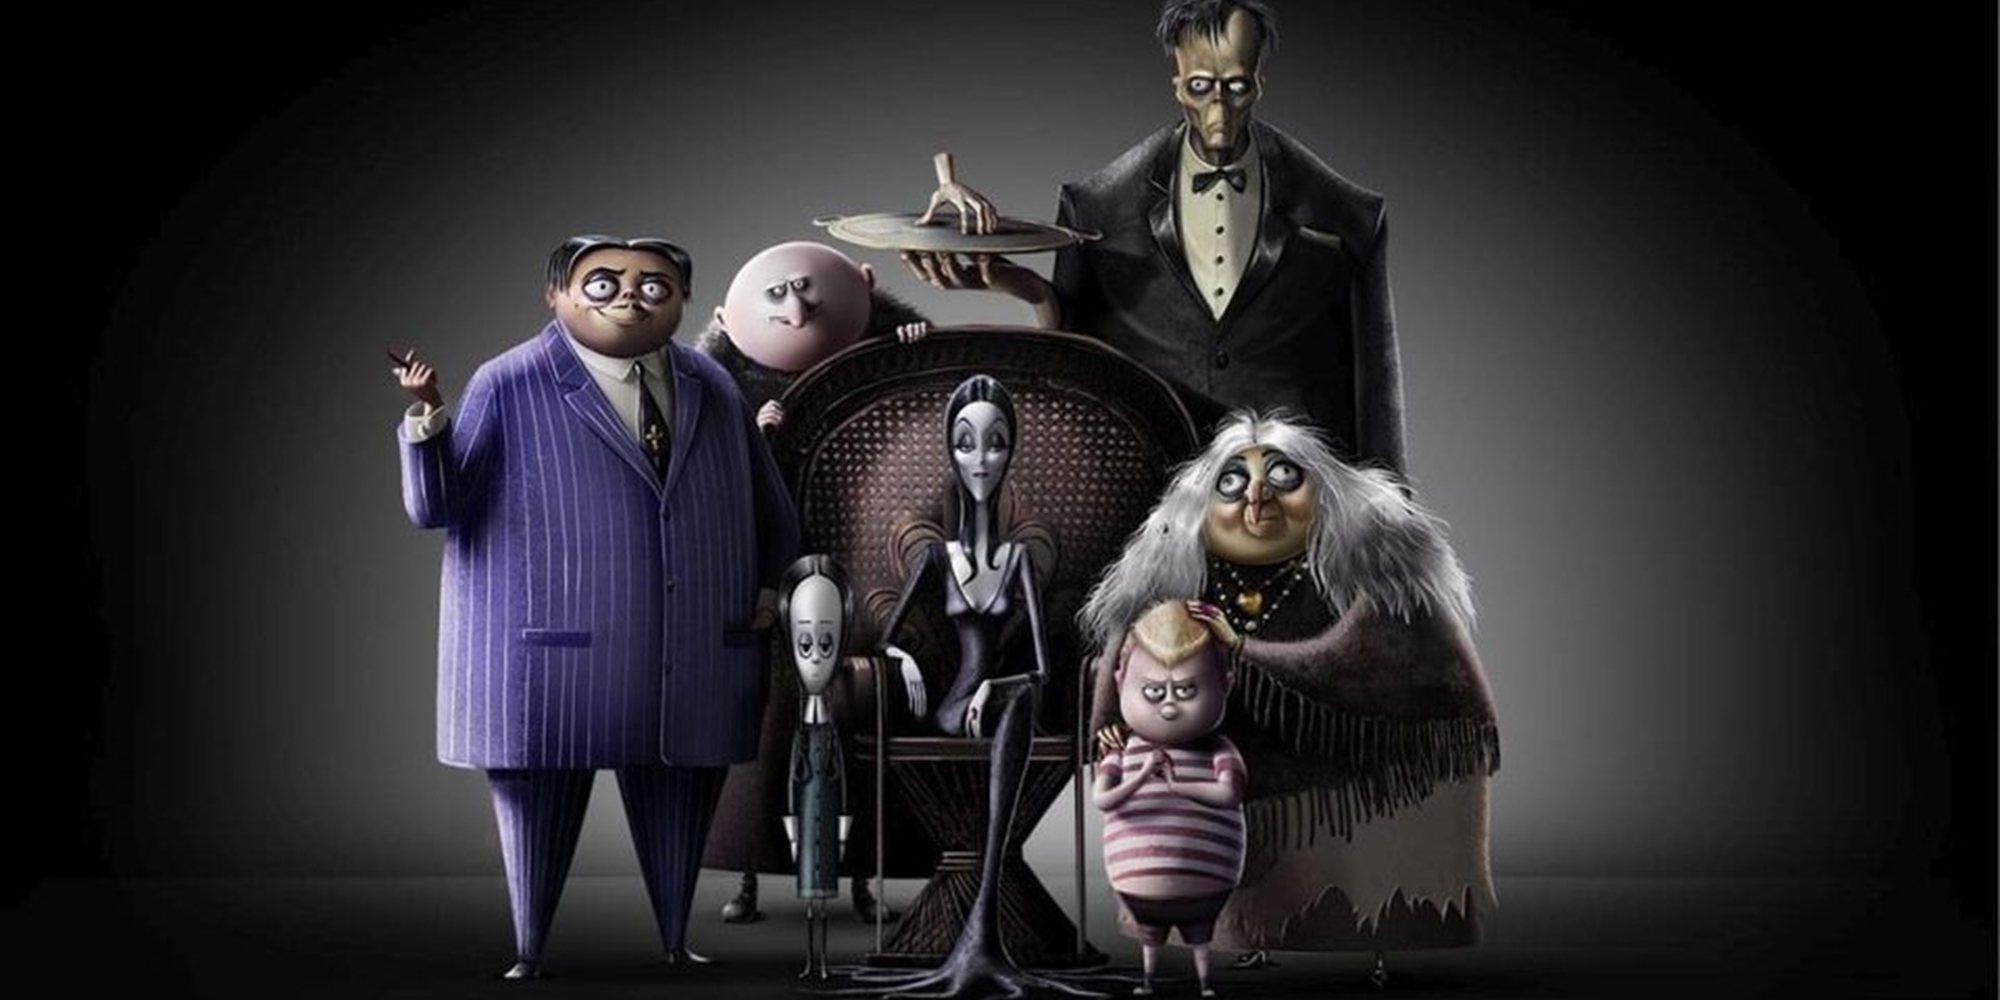 'La familia Addams' y 'El silencio de la ciudad blanca' encabezan los estrenos de la semana